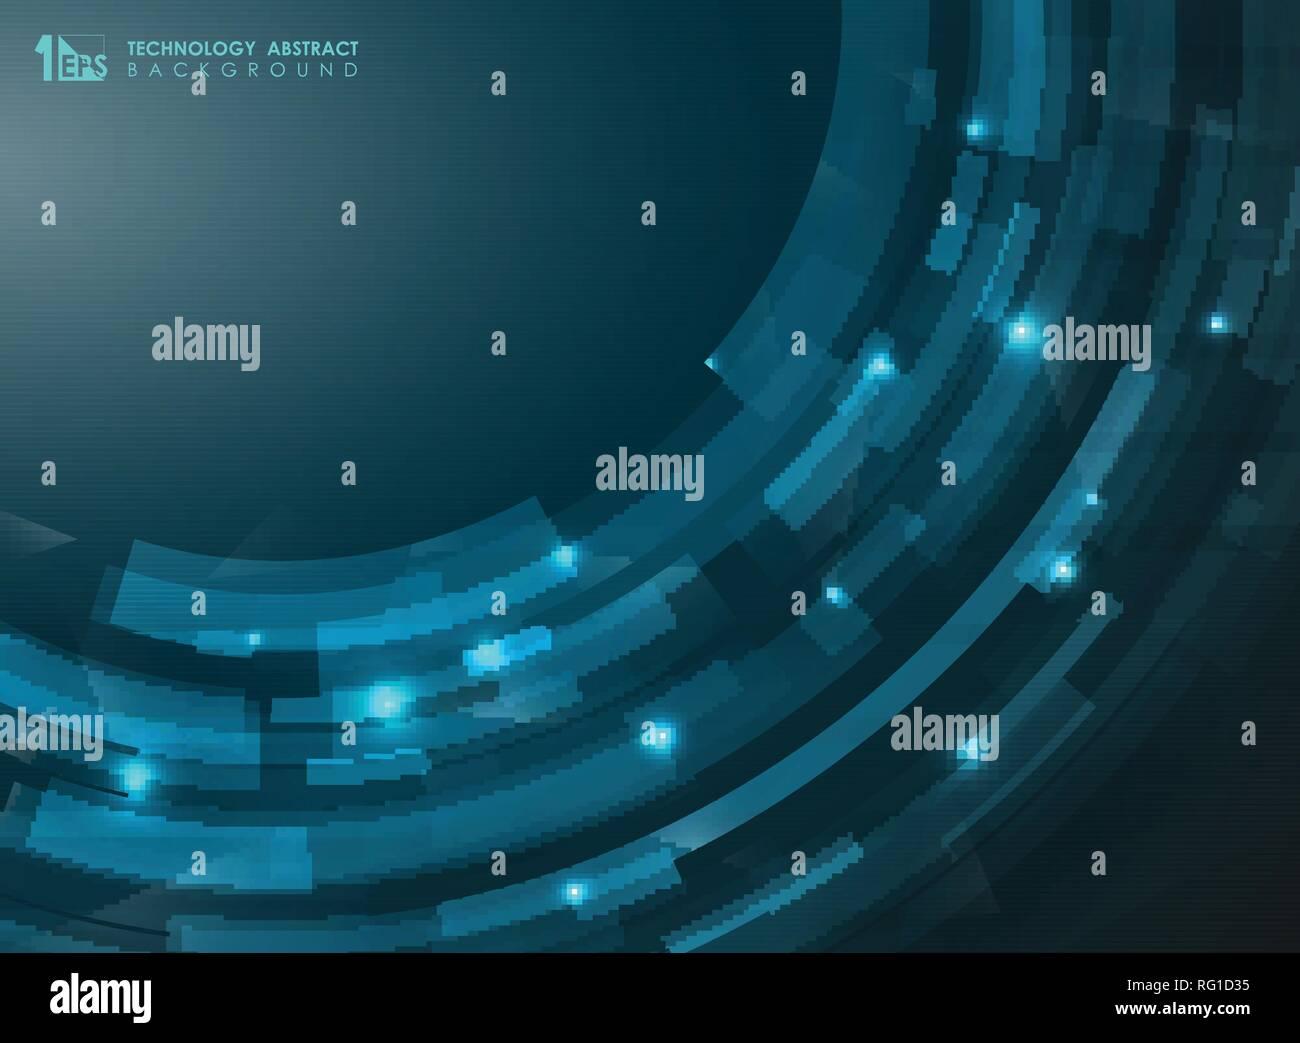 Gradiente astratto blu striscia futuristico linee curve. Presentazione della tecnologia di arte. Può utilizzare per brochure, banner, Foglio, Carta da parati, relazione annuale. V Immagini Stock